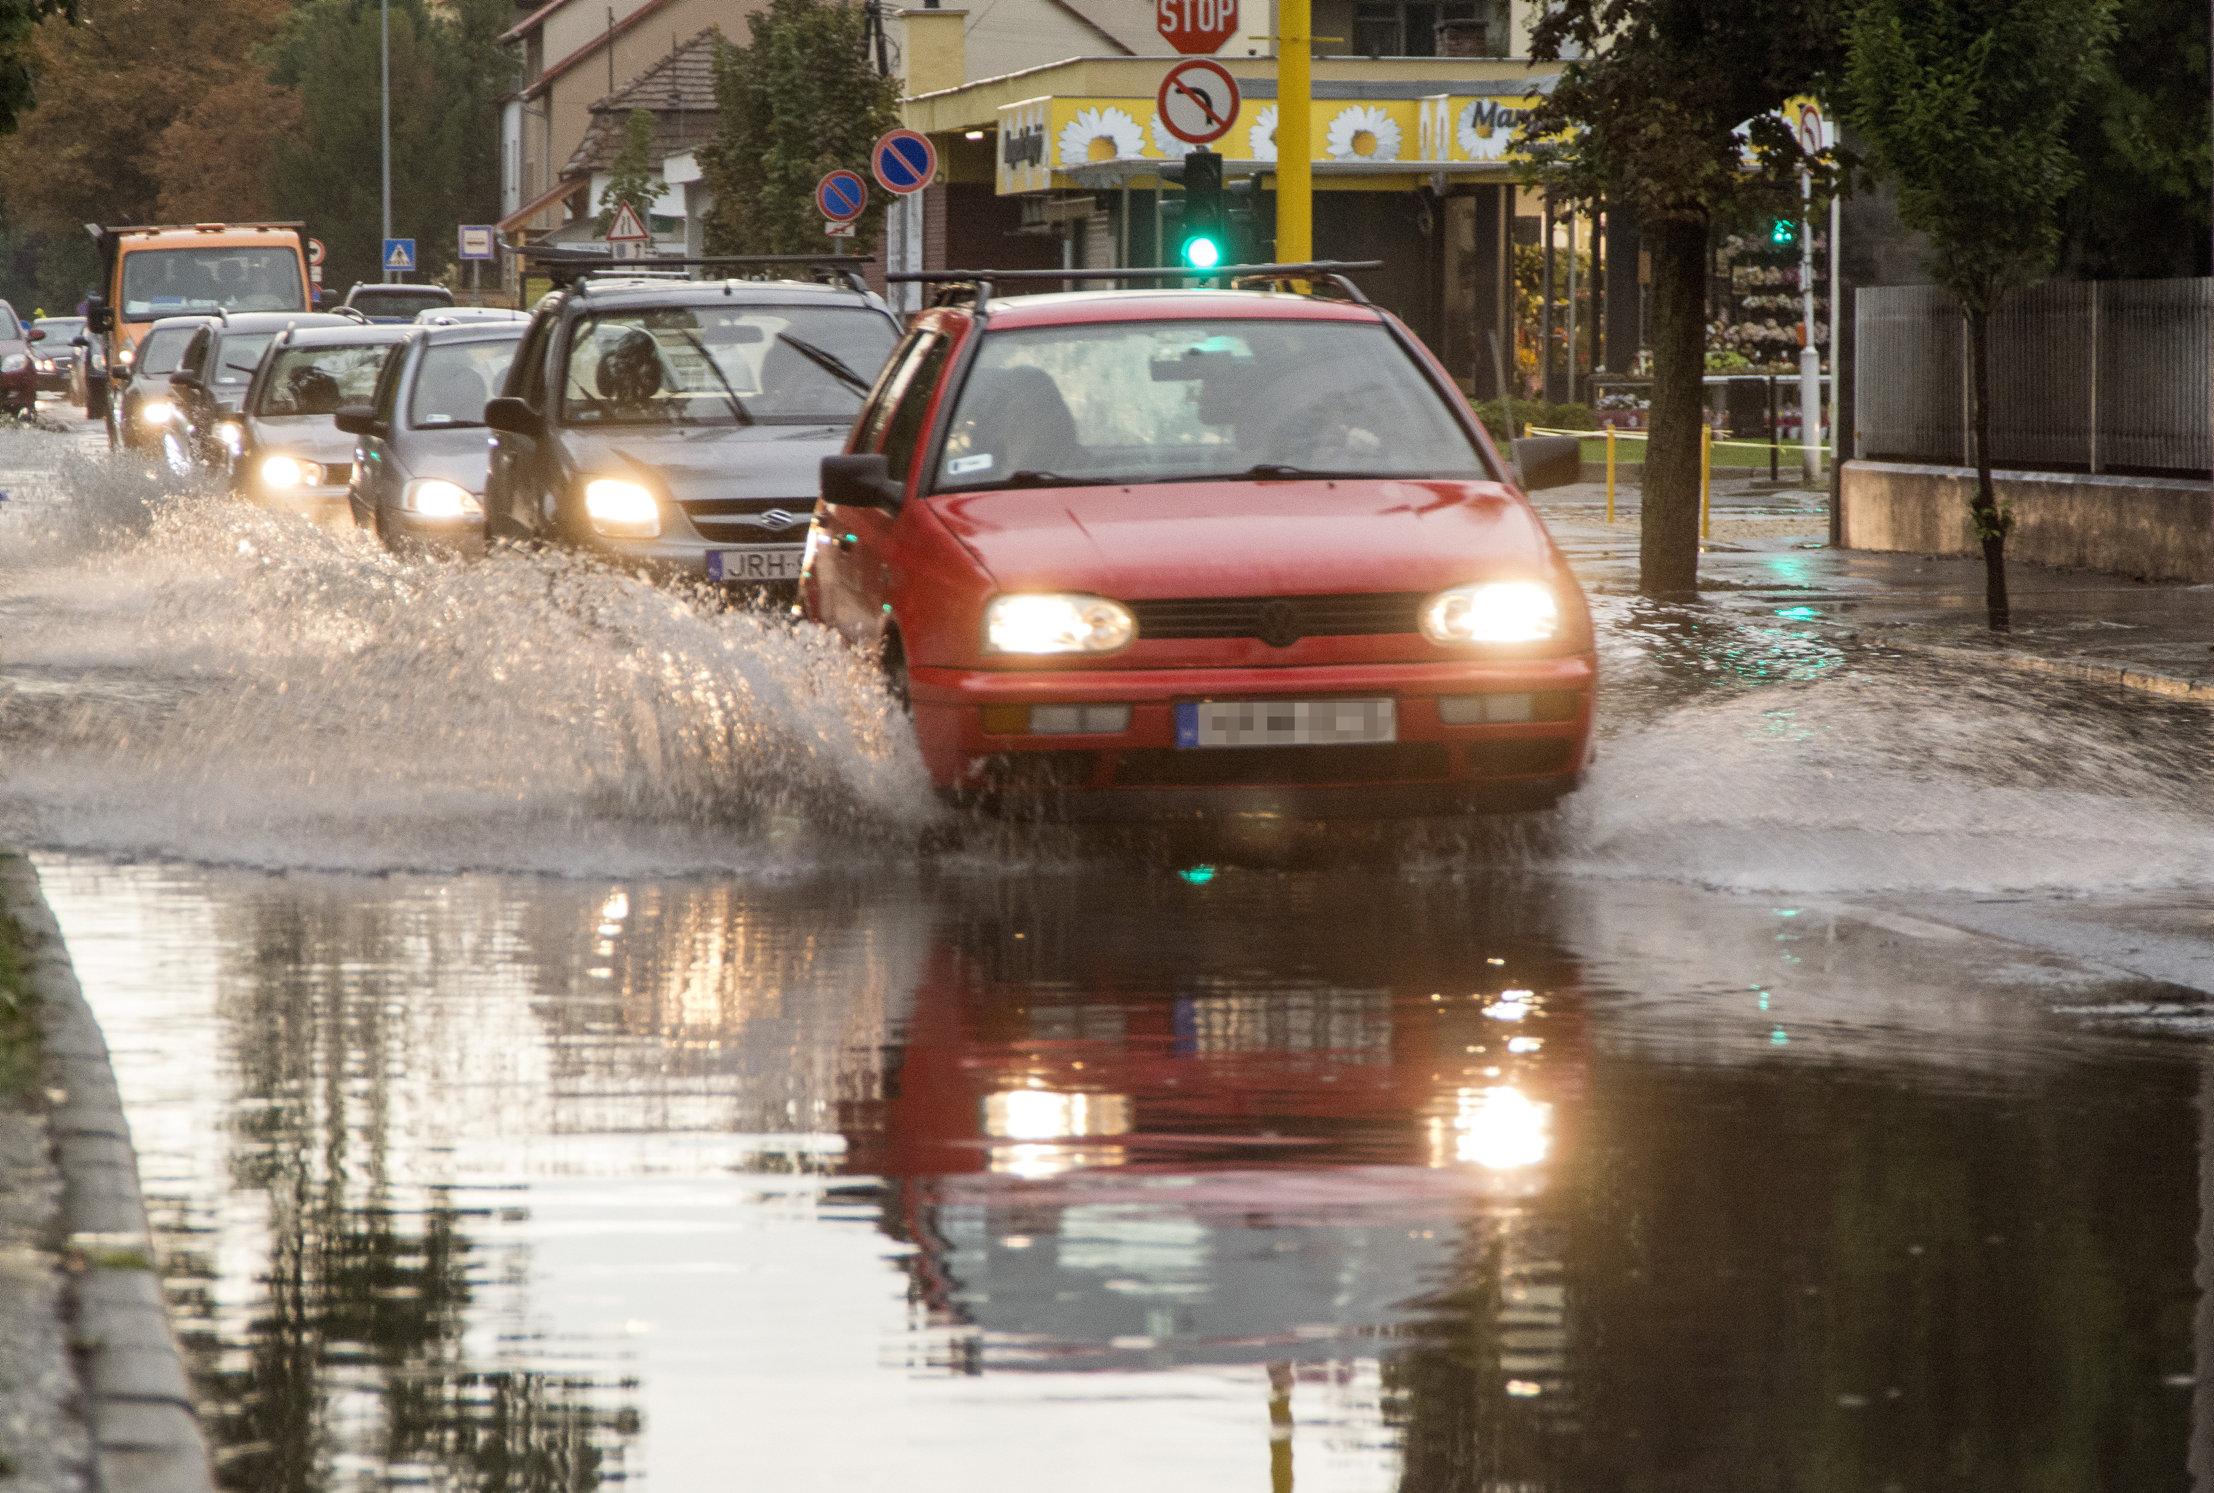 Lecsapott a vihar a Dunántúlra, tűzoltók szivattyúzzák a vizet